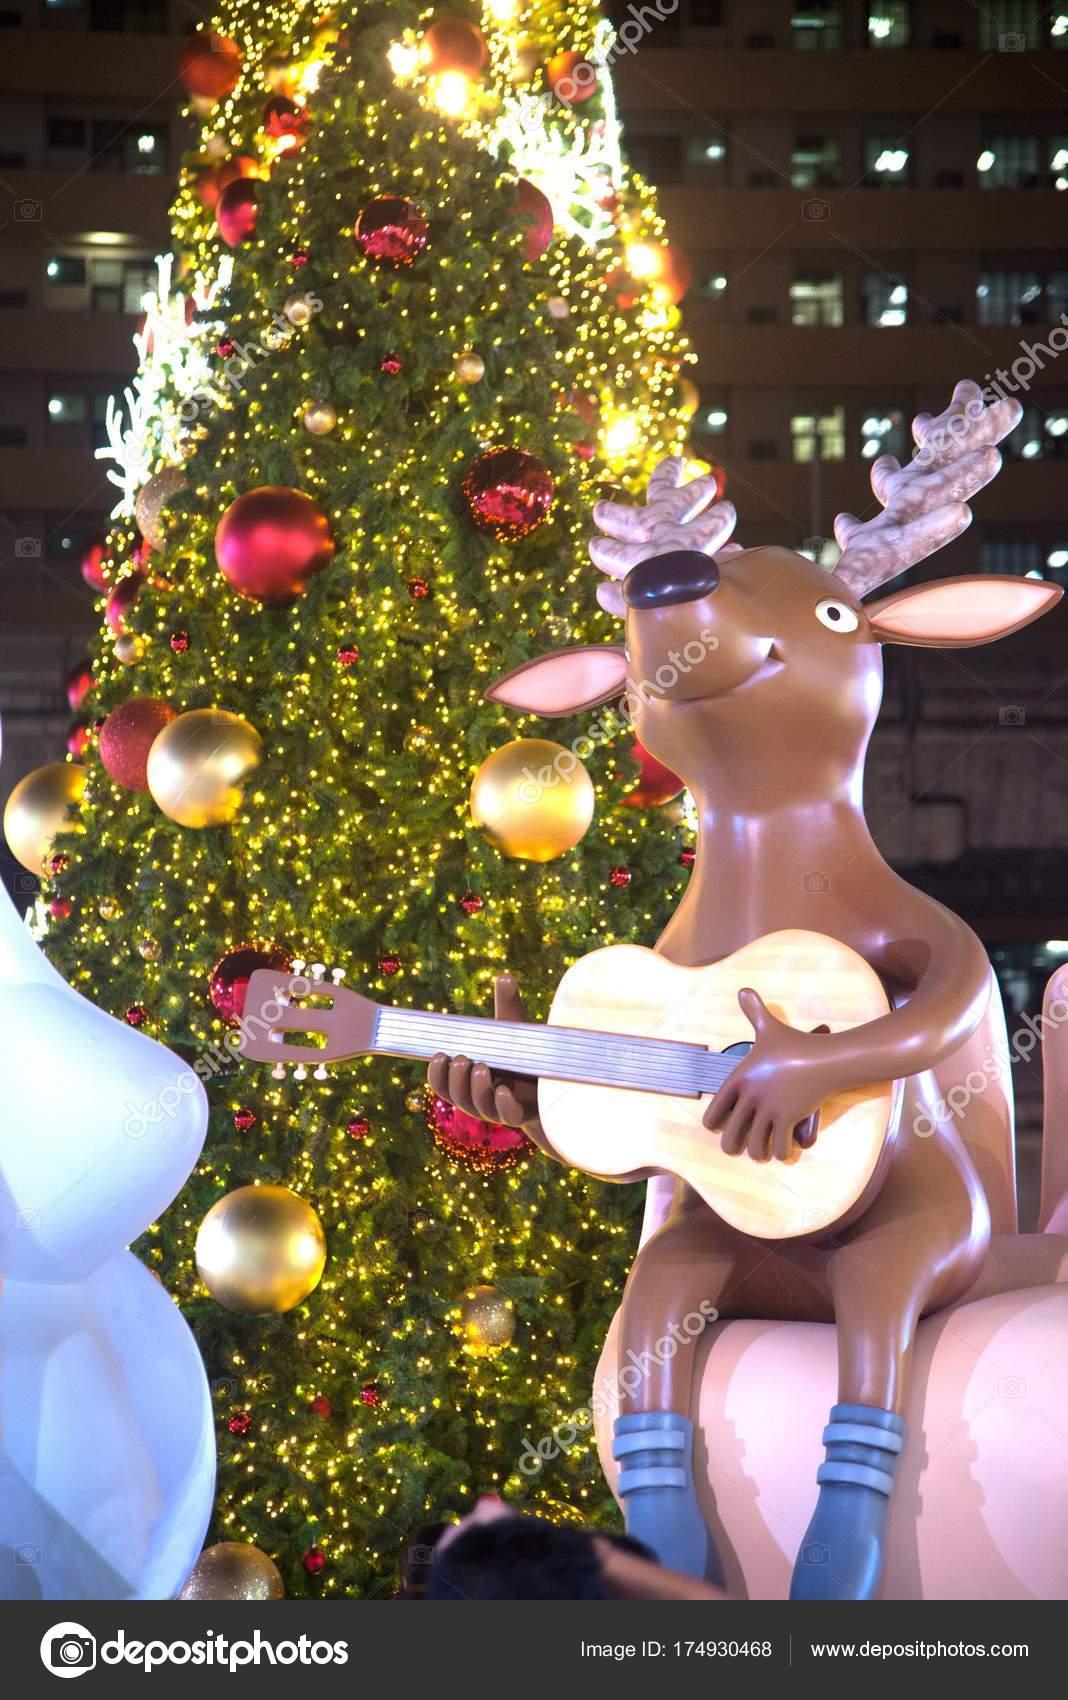 4d9844201c5 Arboles de navidad decorados con luces de colores